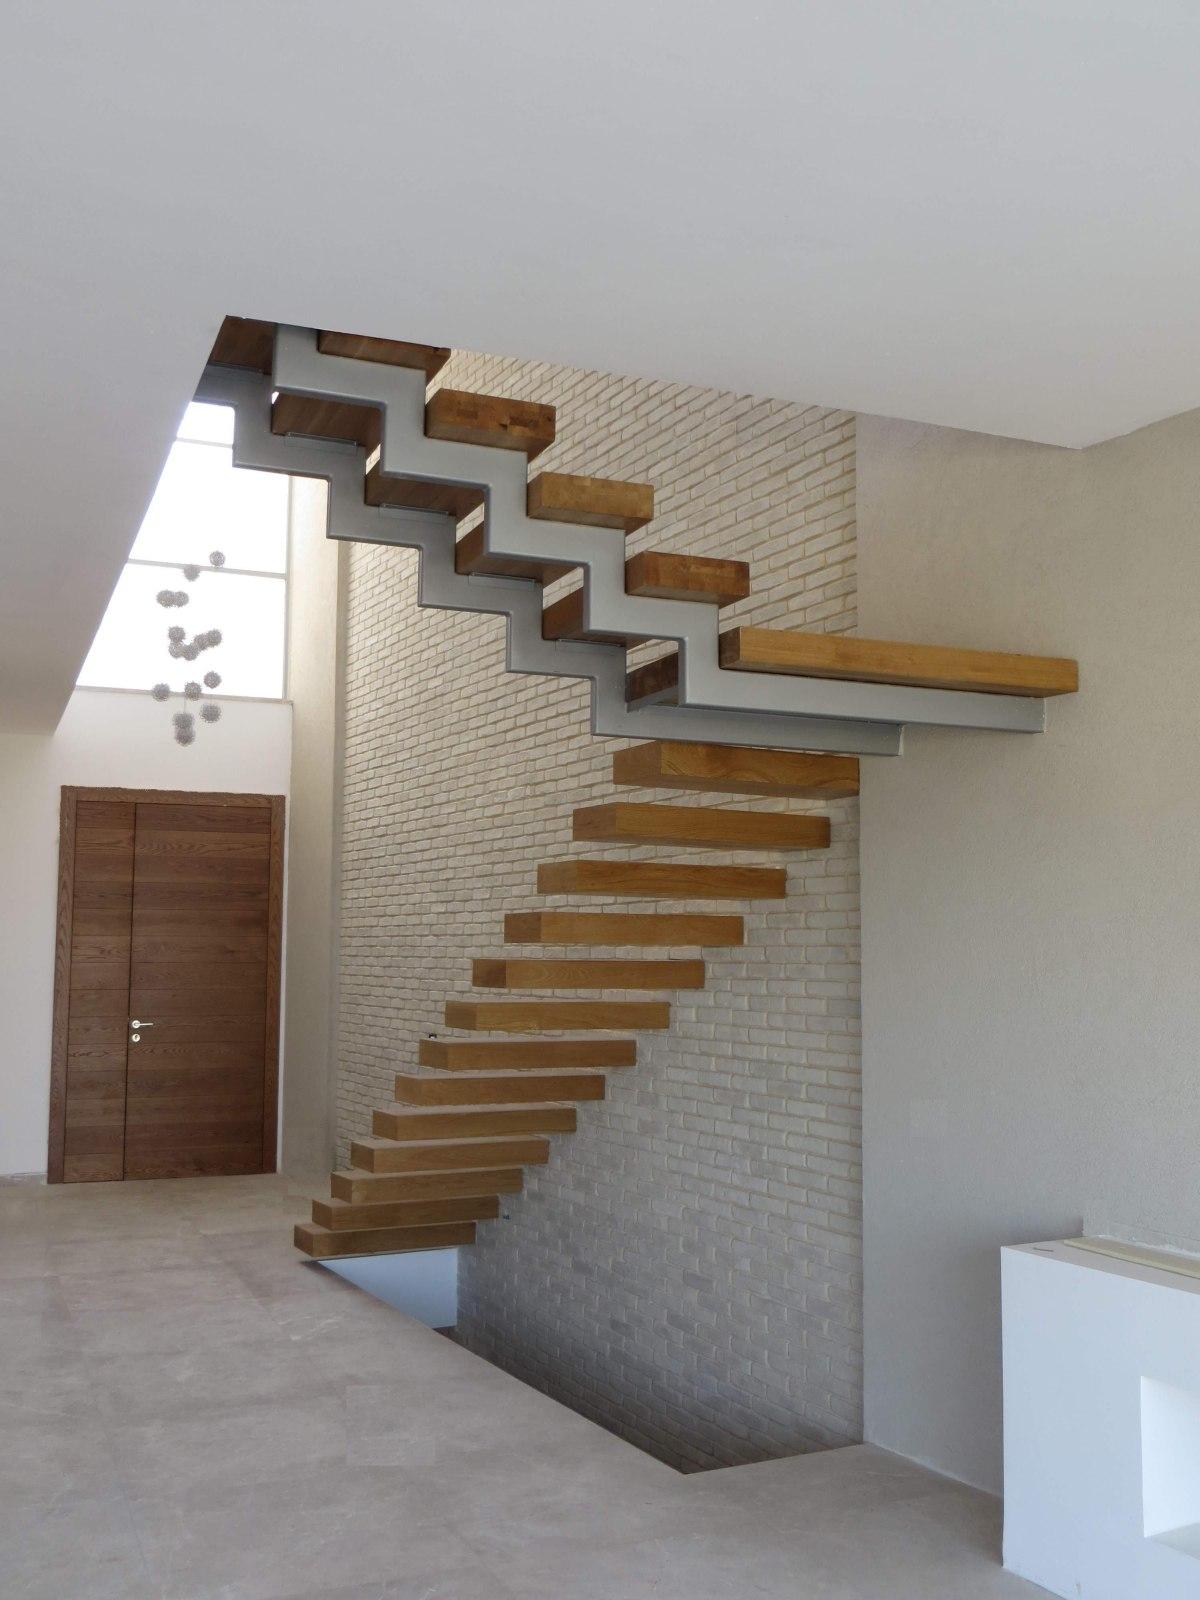 עיצוב מדרגות עץ מרחפות